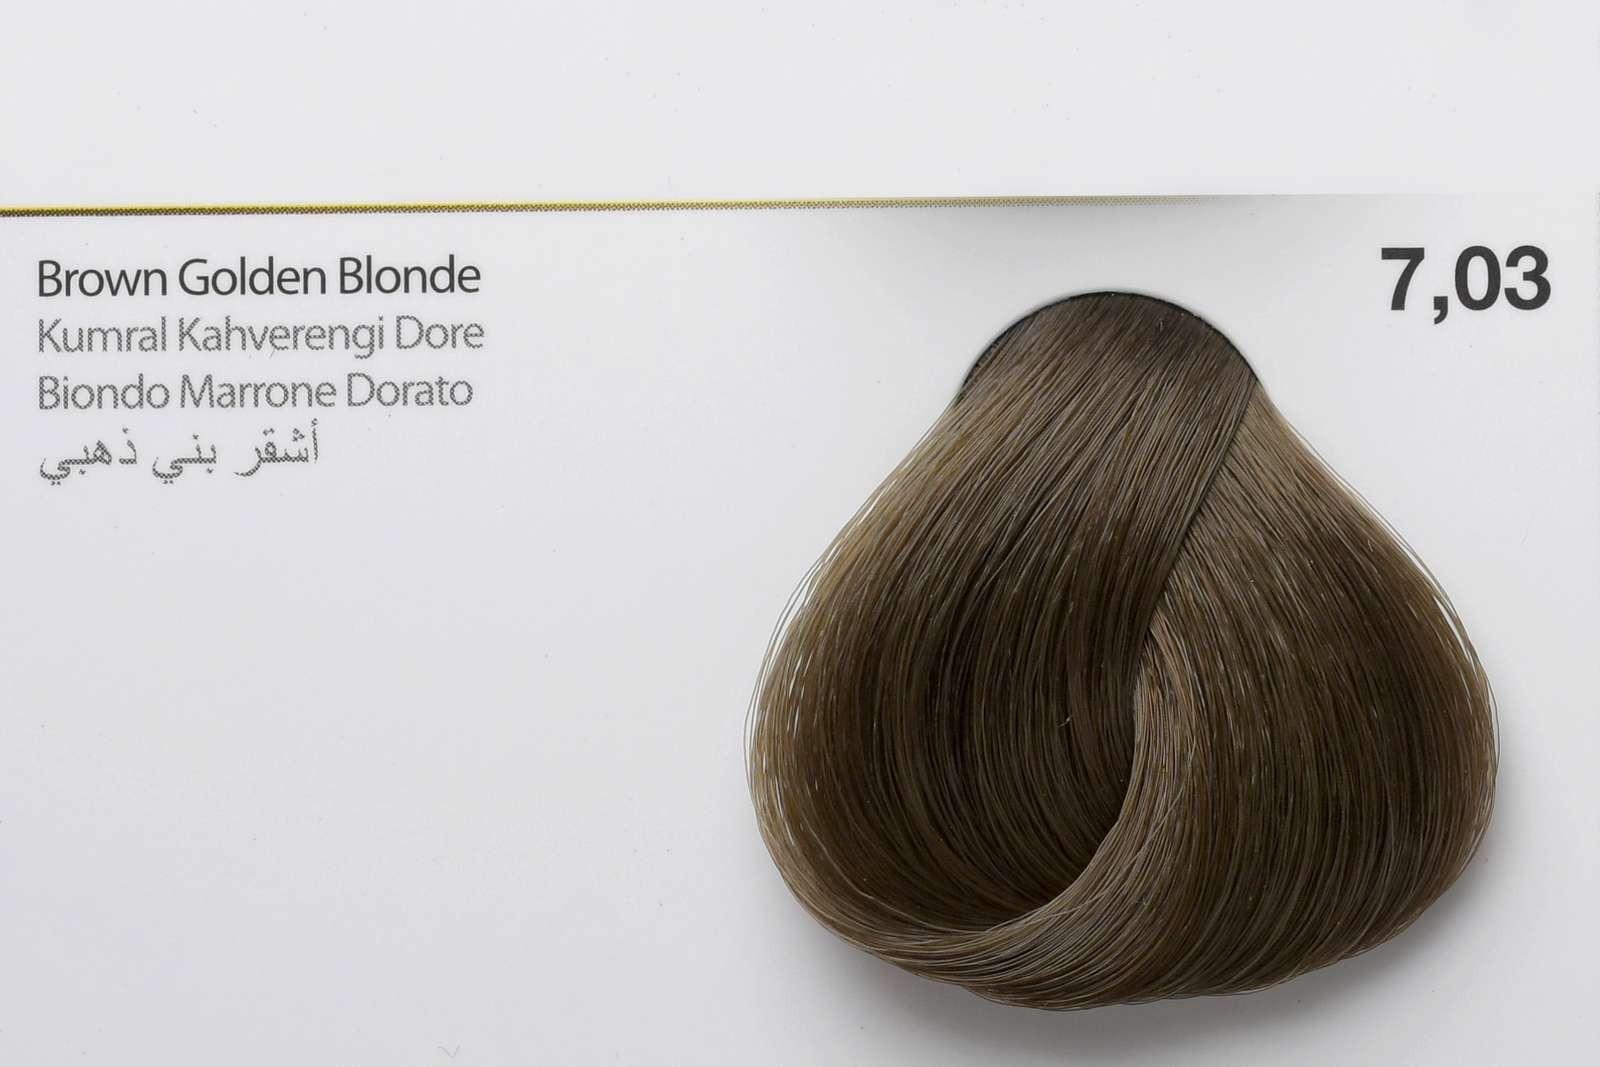 7,03 - Brown Golden Blonde-swatch